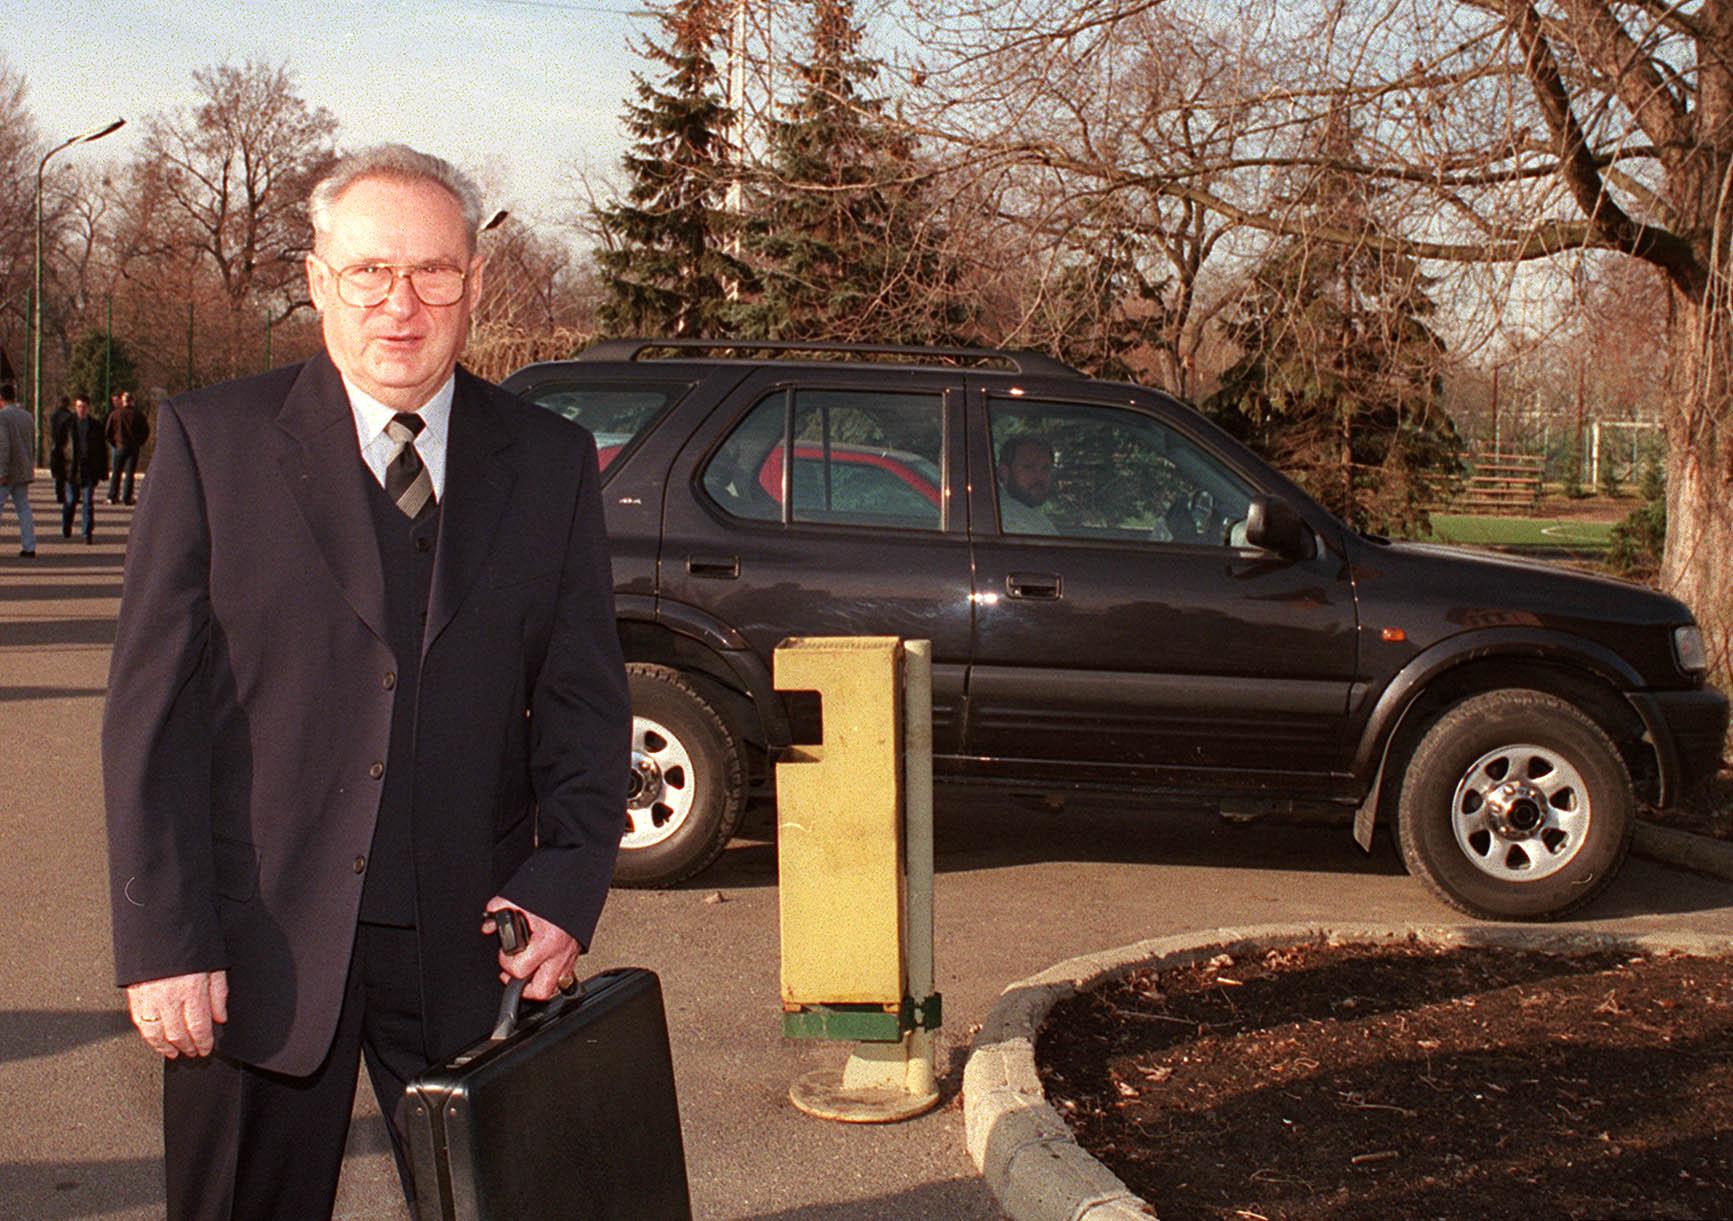 Budapest, 2002, az FTC rendkívüli közgyûlése ismét bizalmat szavazott Furulyás János elnöknek. Albert Flórián maradt a tiszteletbeli elnök. /Fotó: MTI